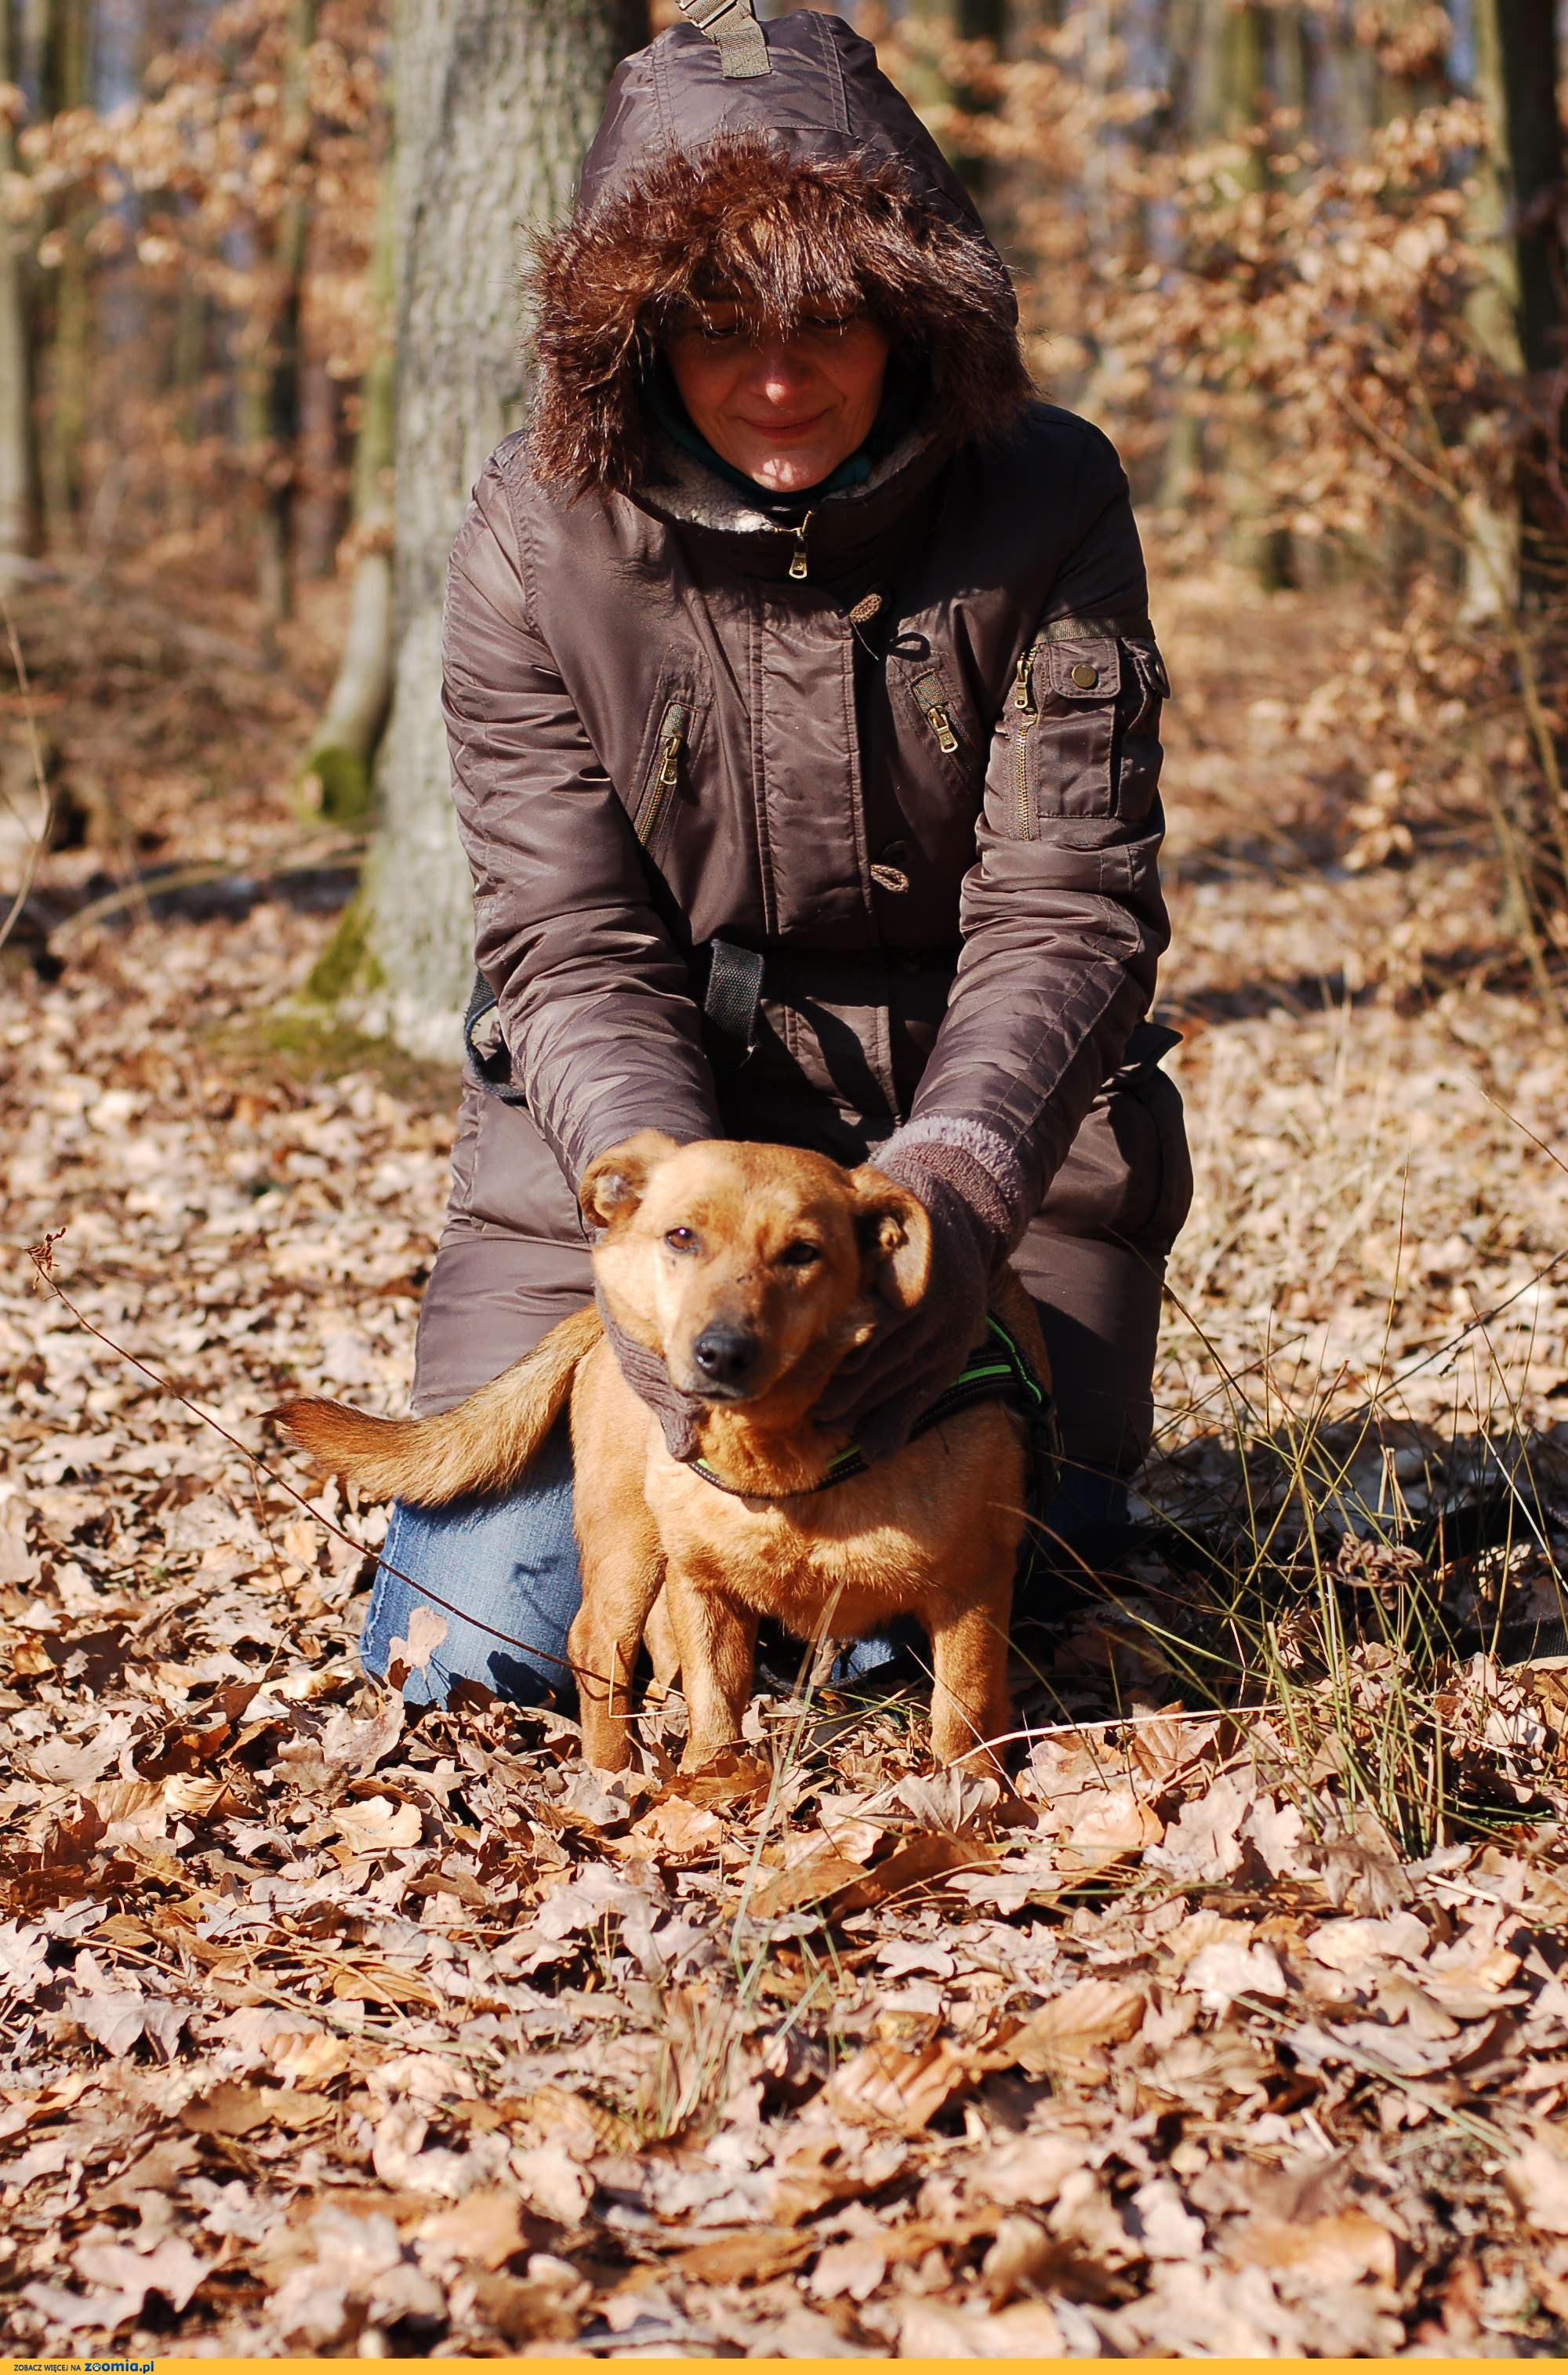 Nieduży Rudy, wspaniały spacerowicz, psi przytulas do adopcji!